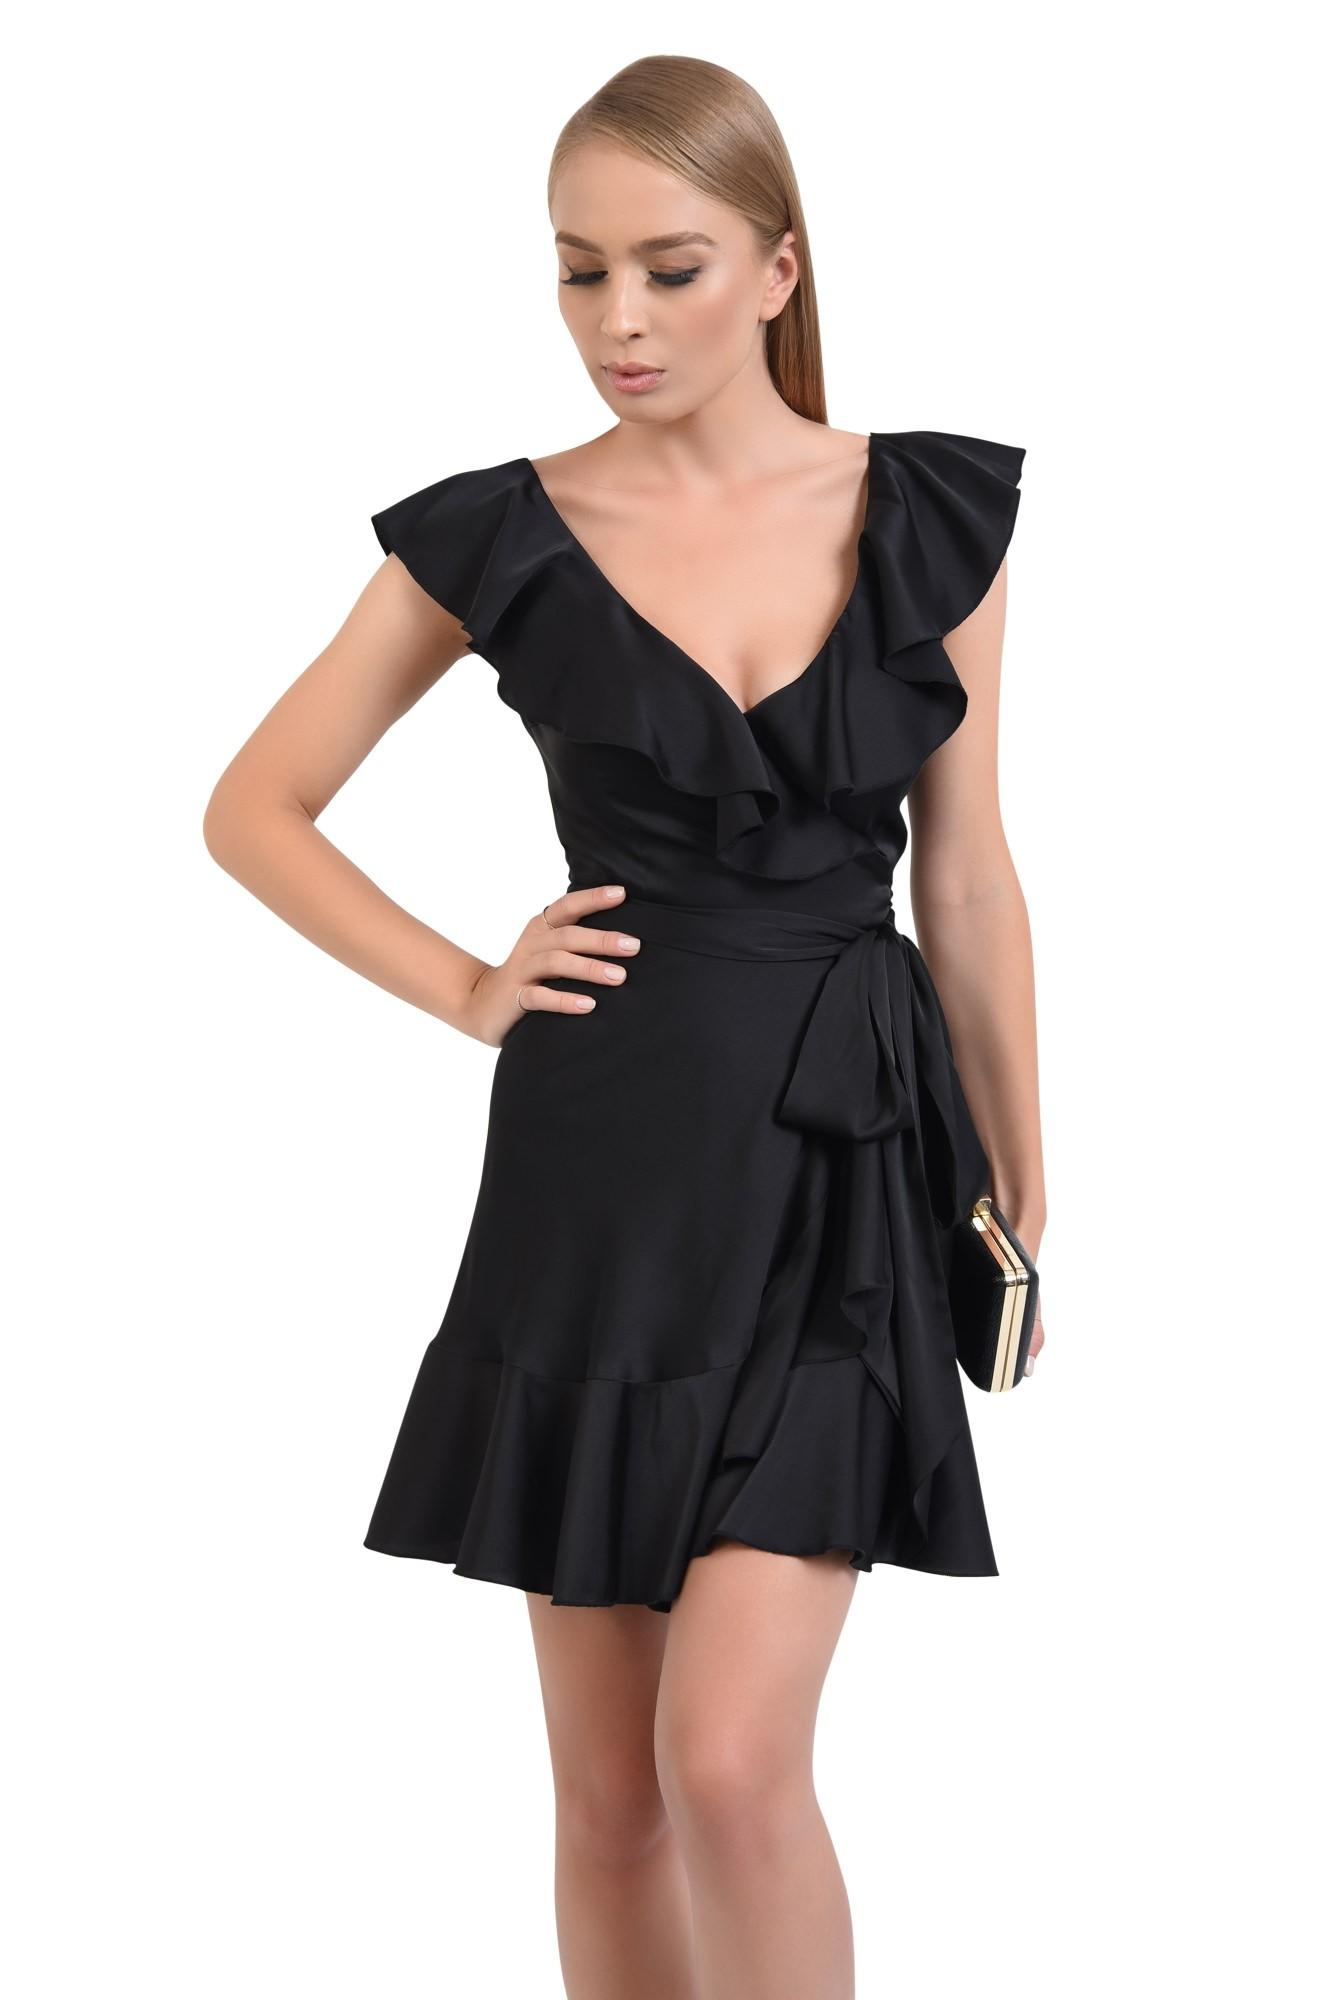 0 - rochie de seara, scurta, petrecuta, cordon, volane